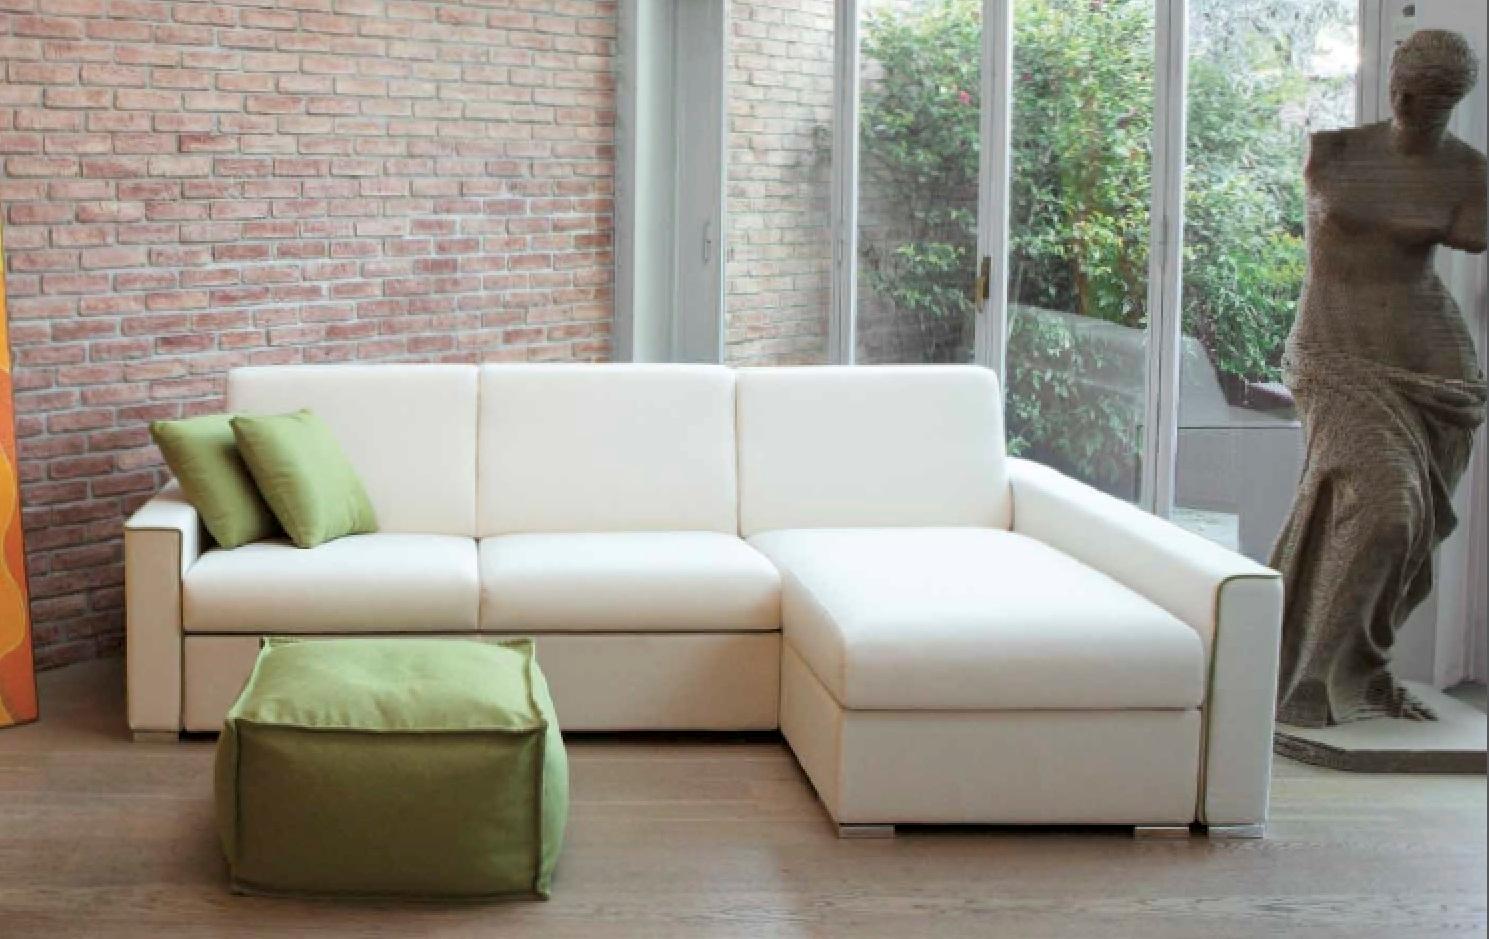 Divano letto family bedding modello civas divani a for Lunghezza divano letto